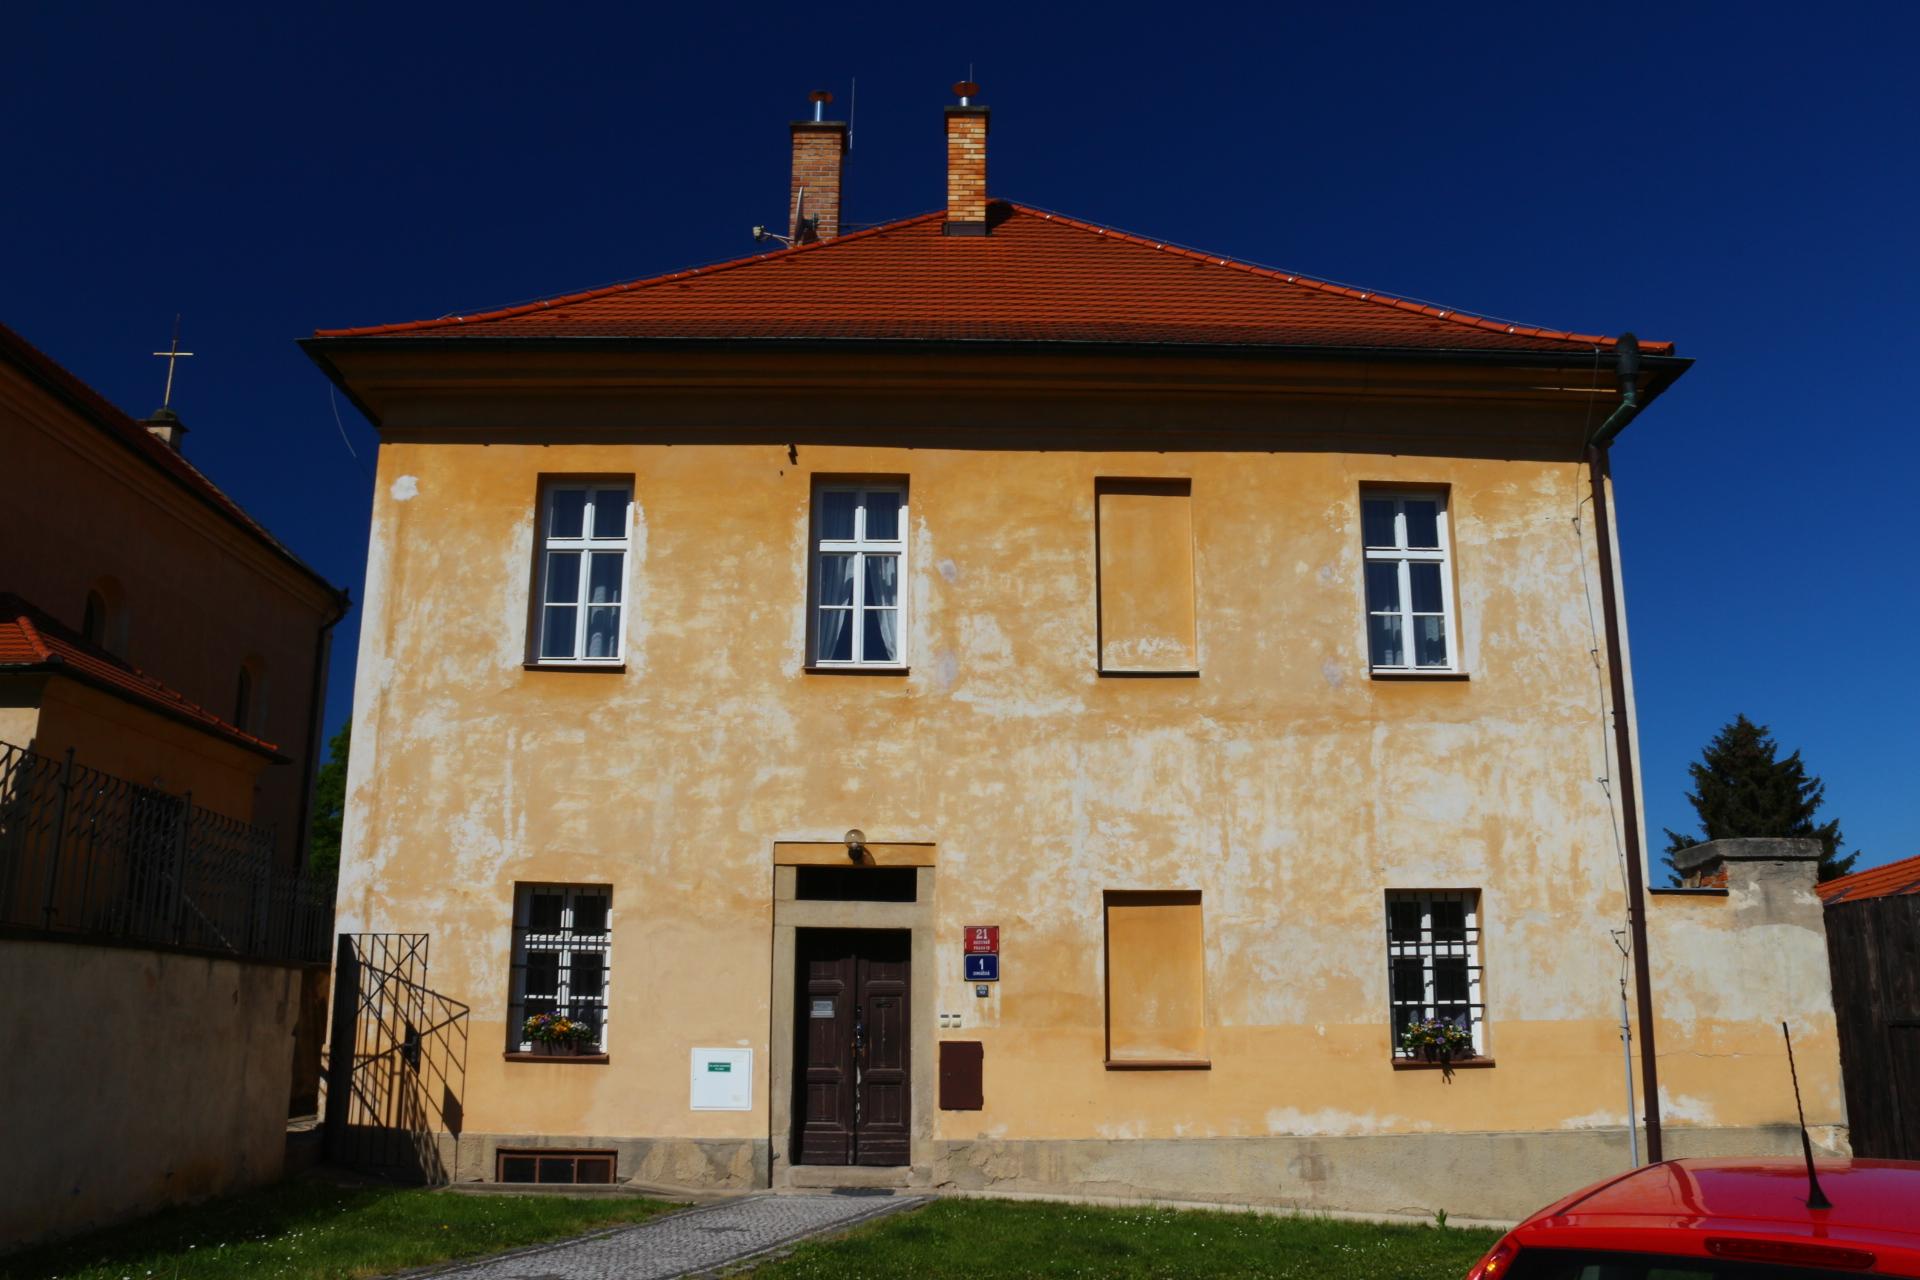 Římskokatolická farnost u kostela Stětí svatého Jana Křtitele Praha-Hostivař  – Wikipedie ca9d4122c4